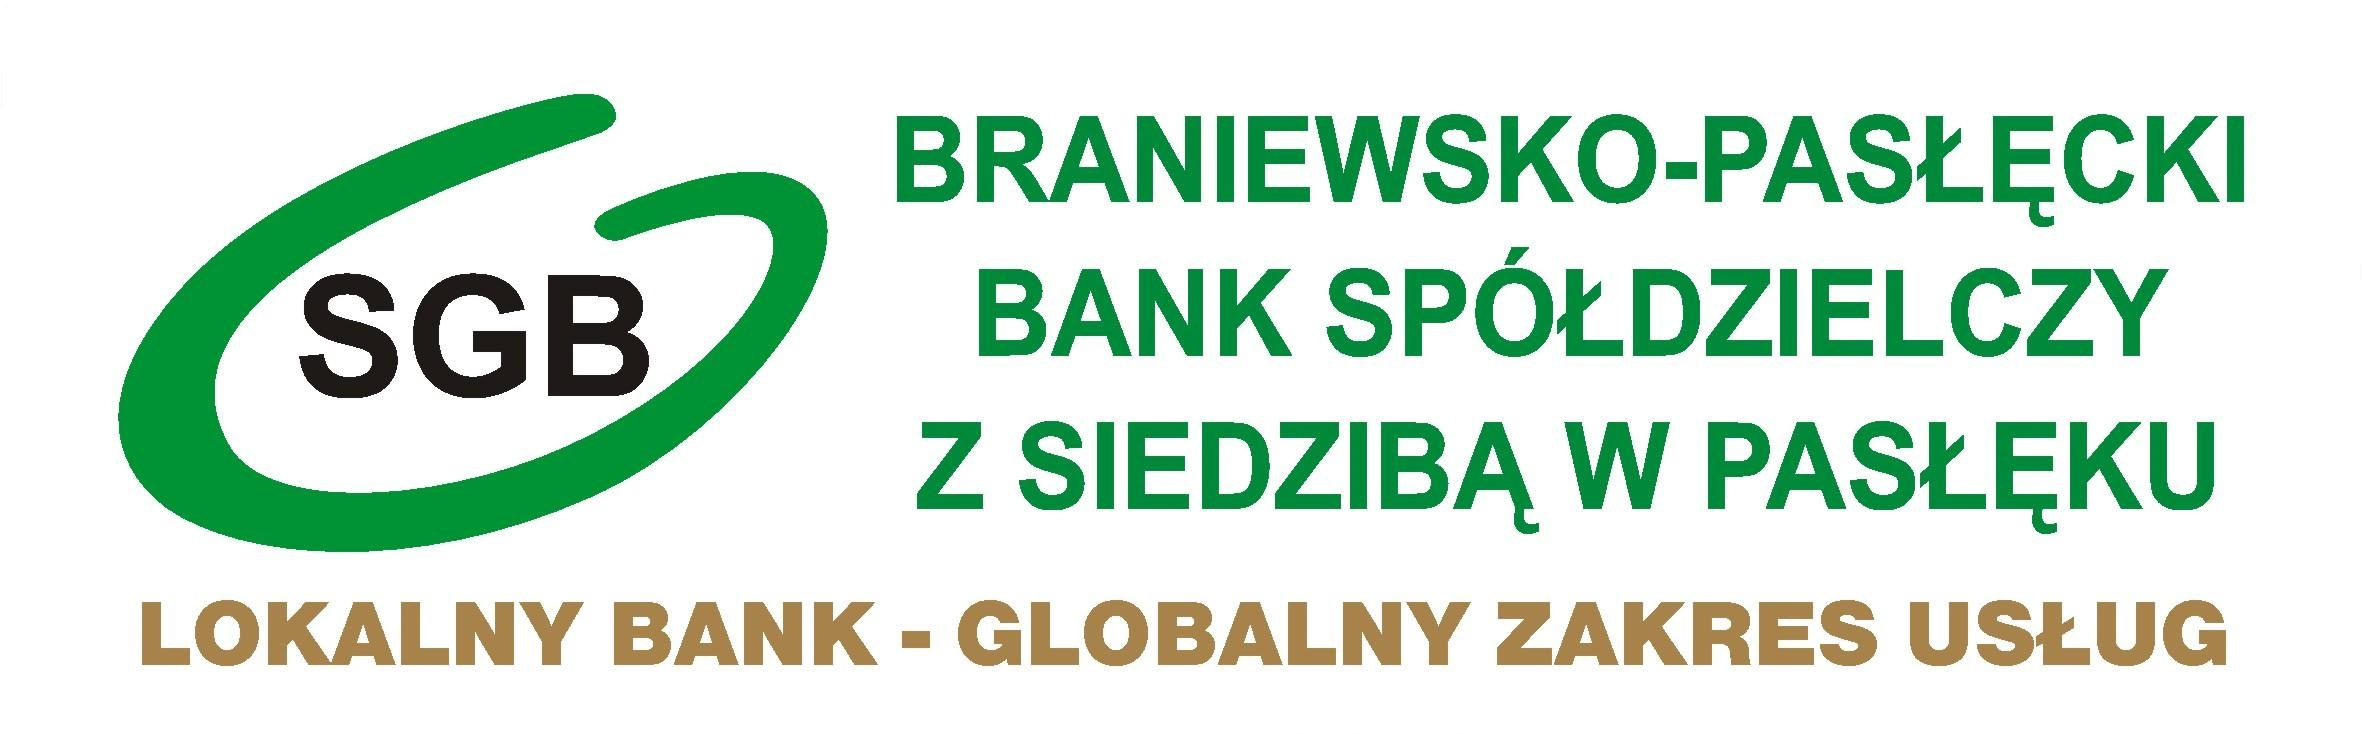 INFORMACJA W SPRAWIE BREXITU - Braniewsko-Pasłęcki Bank Spółdzielczy z siedzibą w Pasłęku